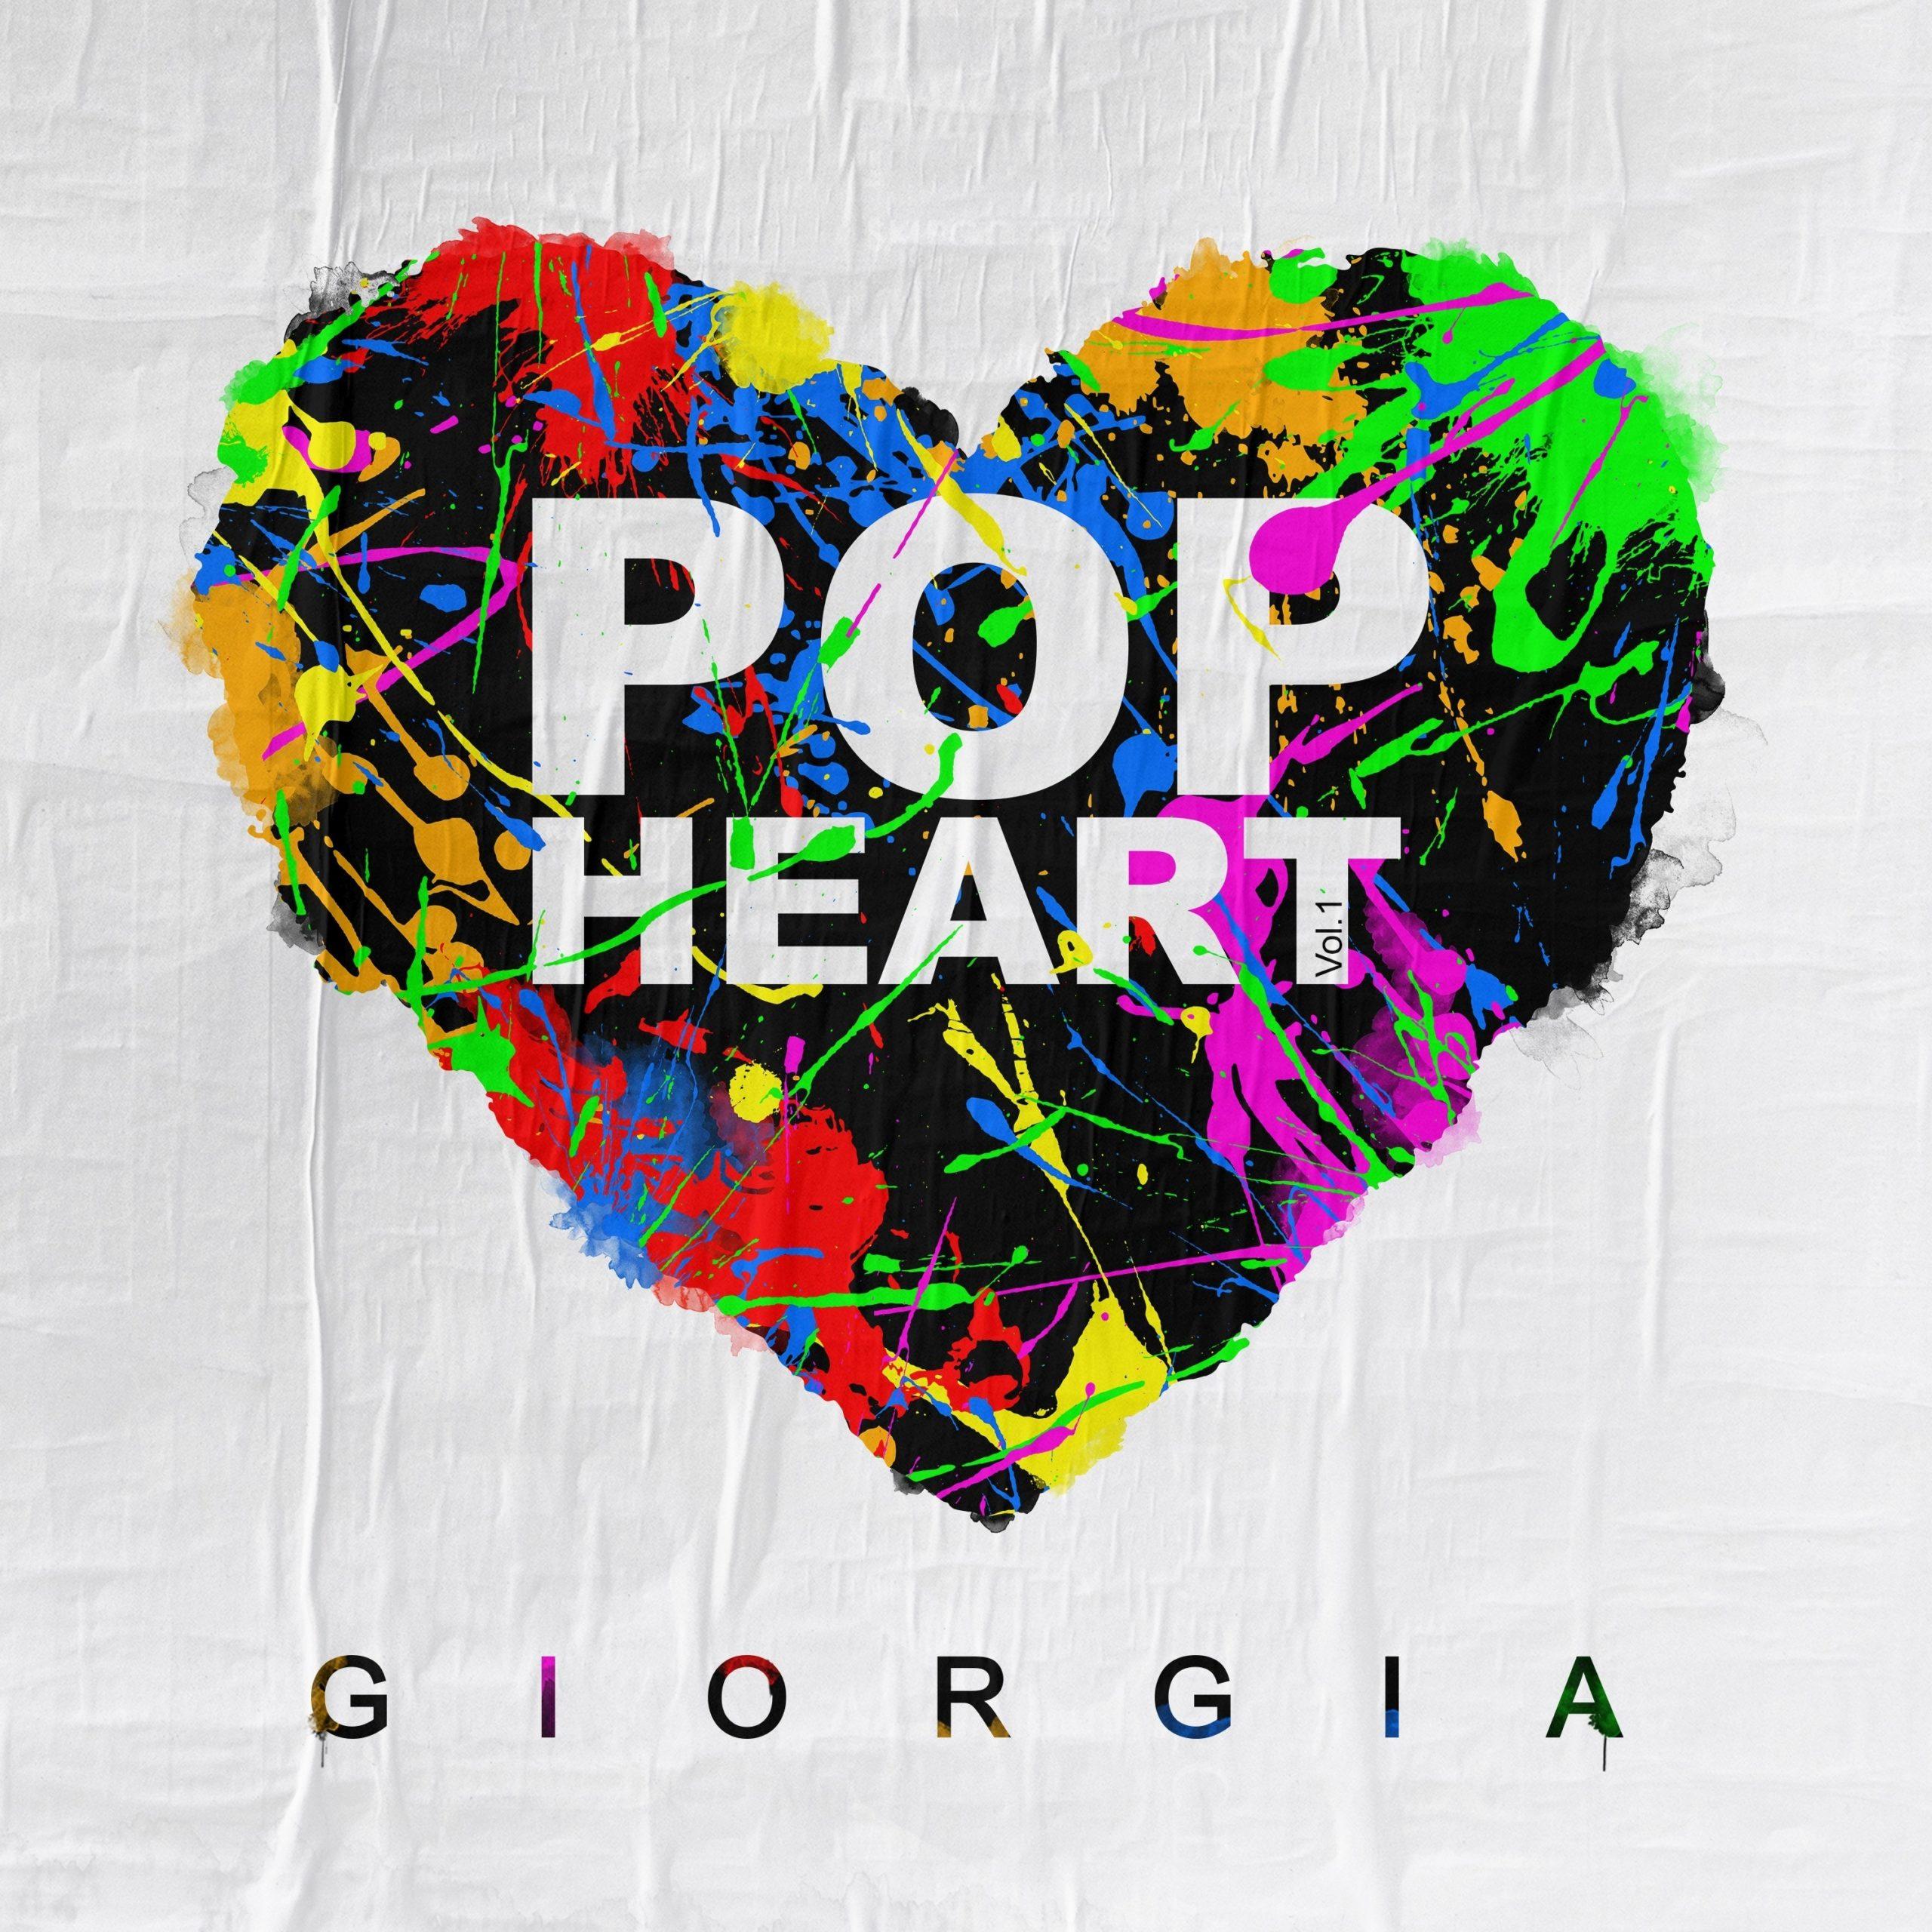 """Più che un album, """"Pop heart"""" di Giorgia sembra un provino per X Factor"""